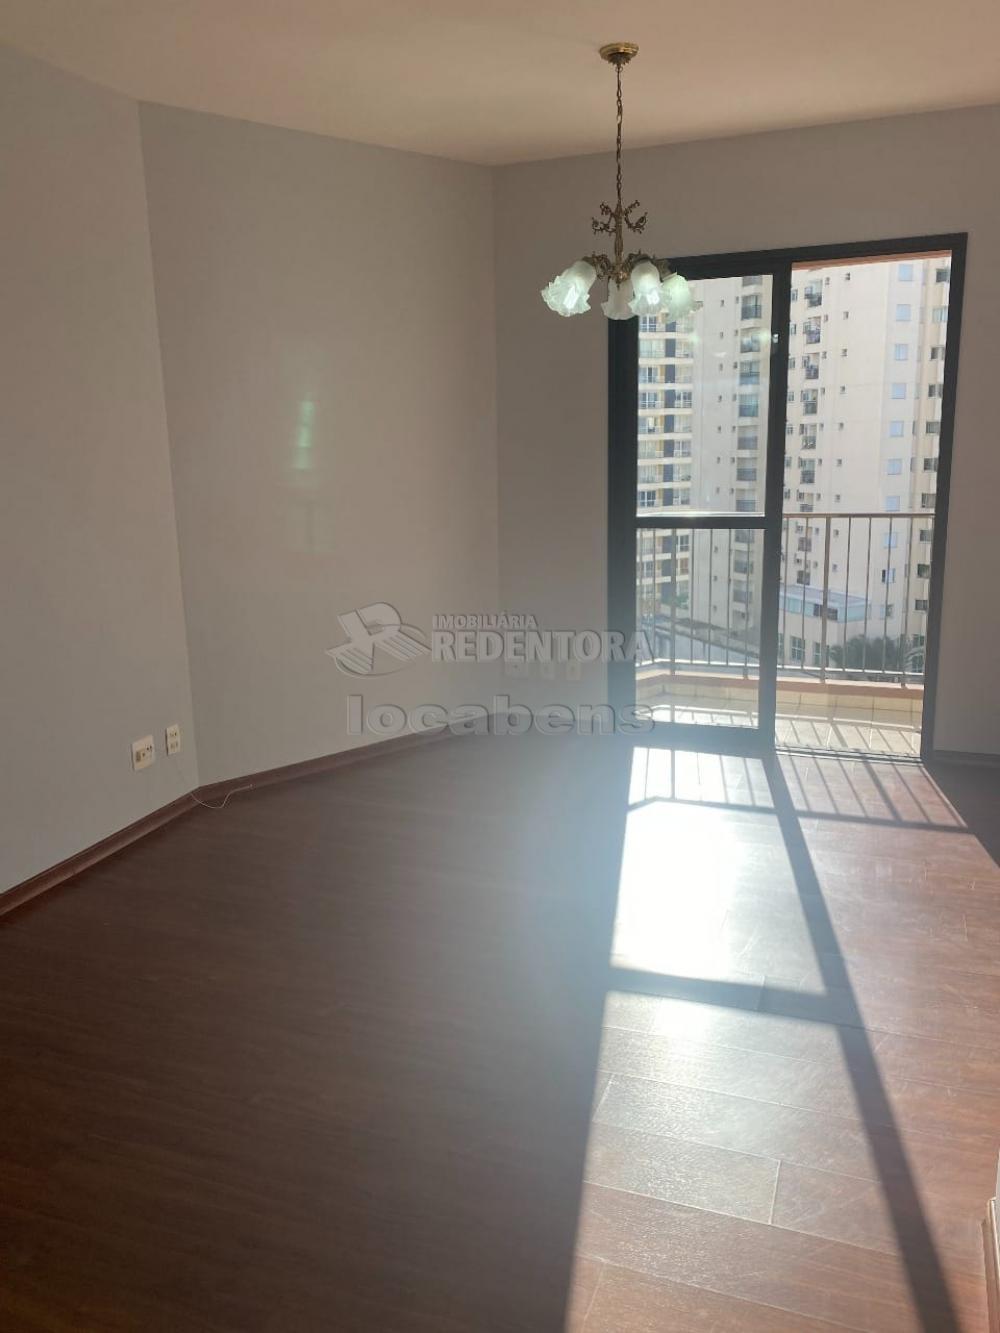 Comprar Apartamento / Padrão em São Paulo R$ 495.000,00 - Foto 3